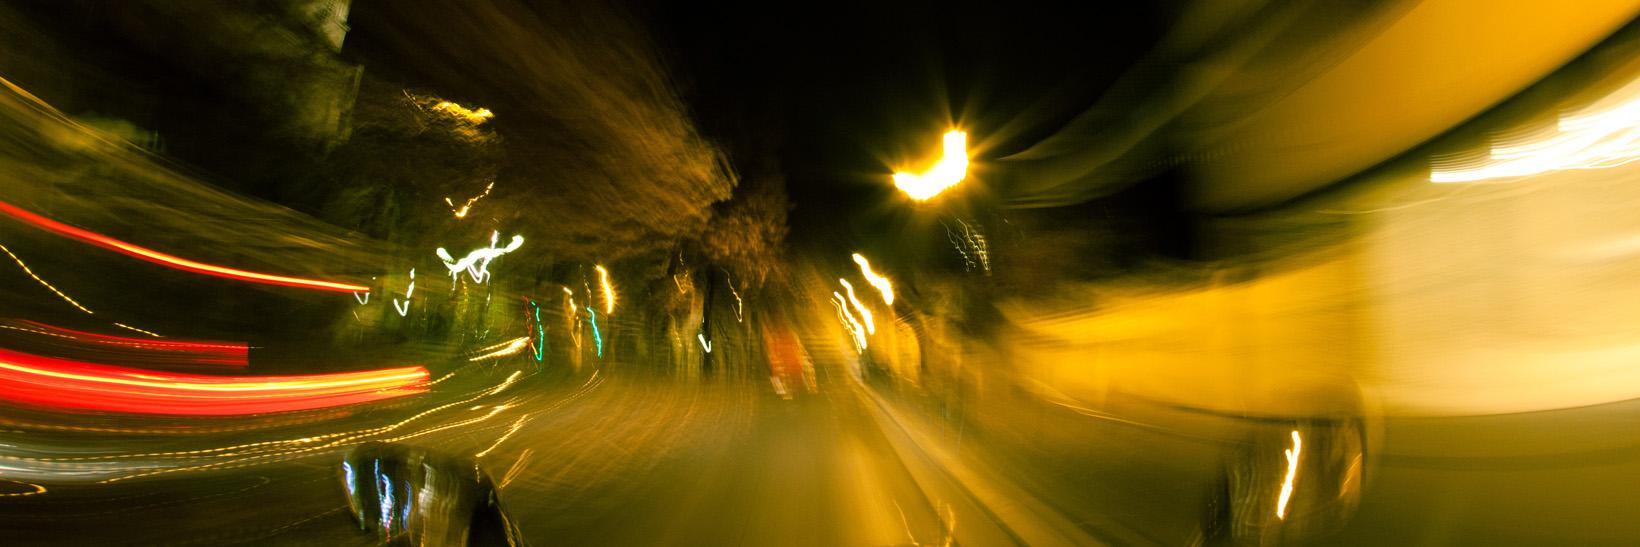 Light_3450